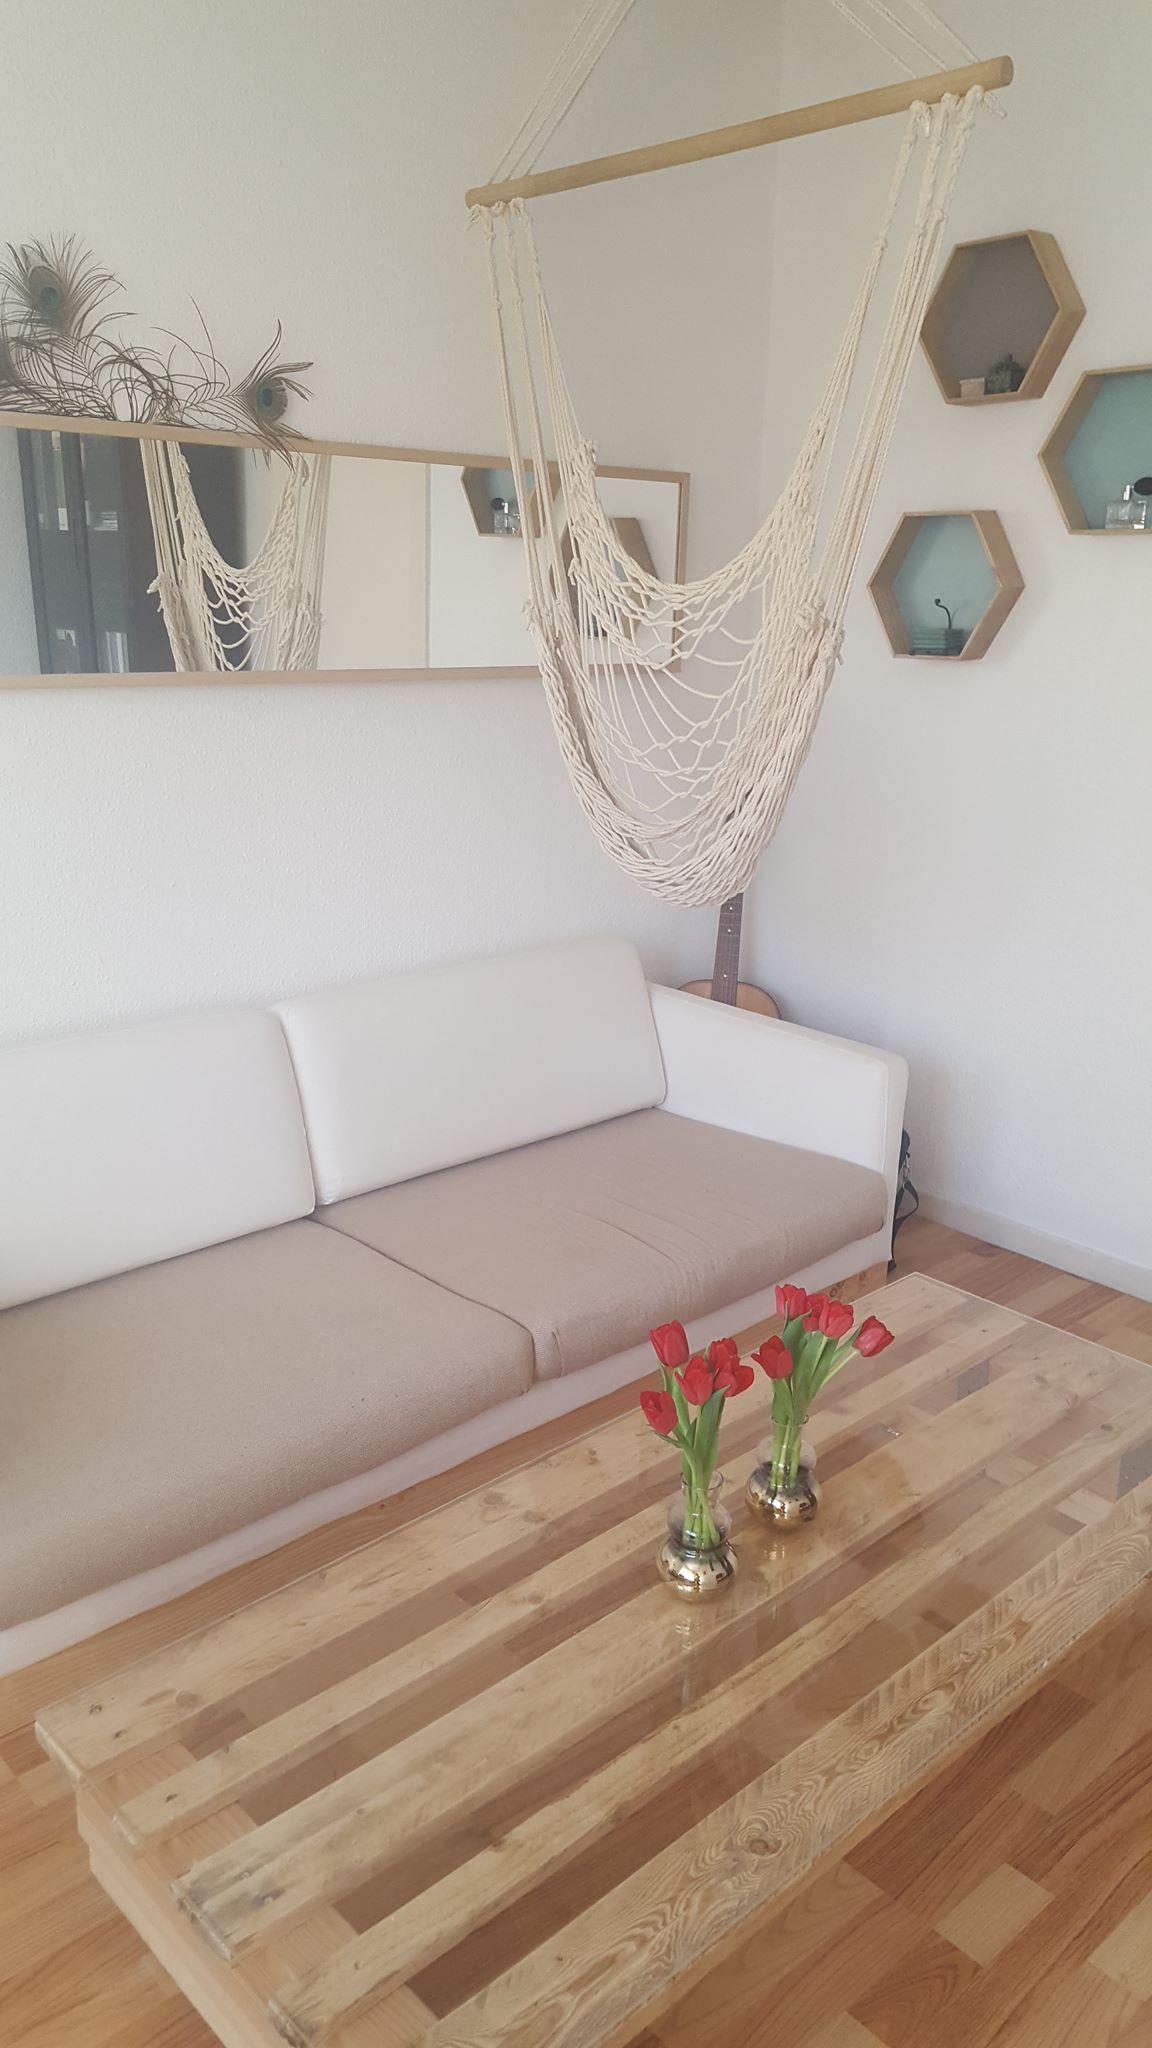 couchtisch aus europalette und plexiglas mit rollen hand im gl ck diyne community. Black Bedroom Furniture Sets. Home Design Ideas